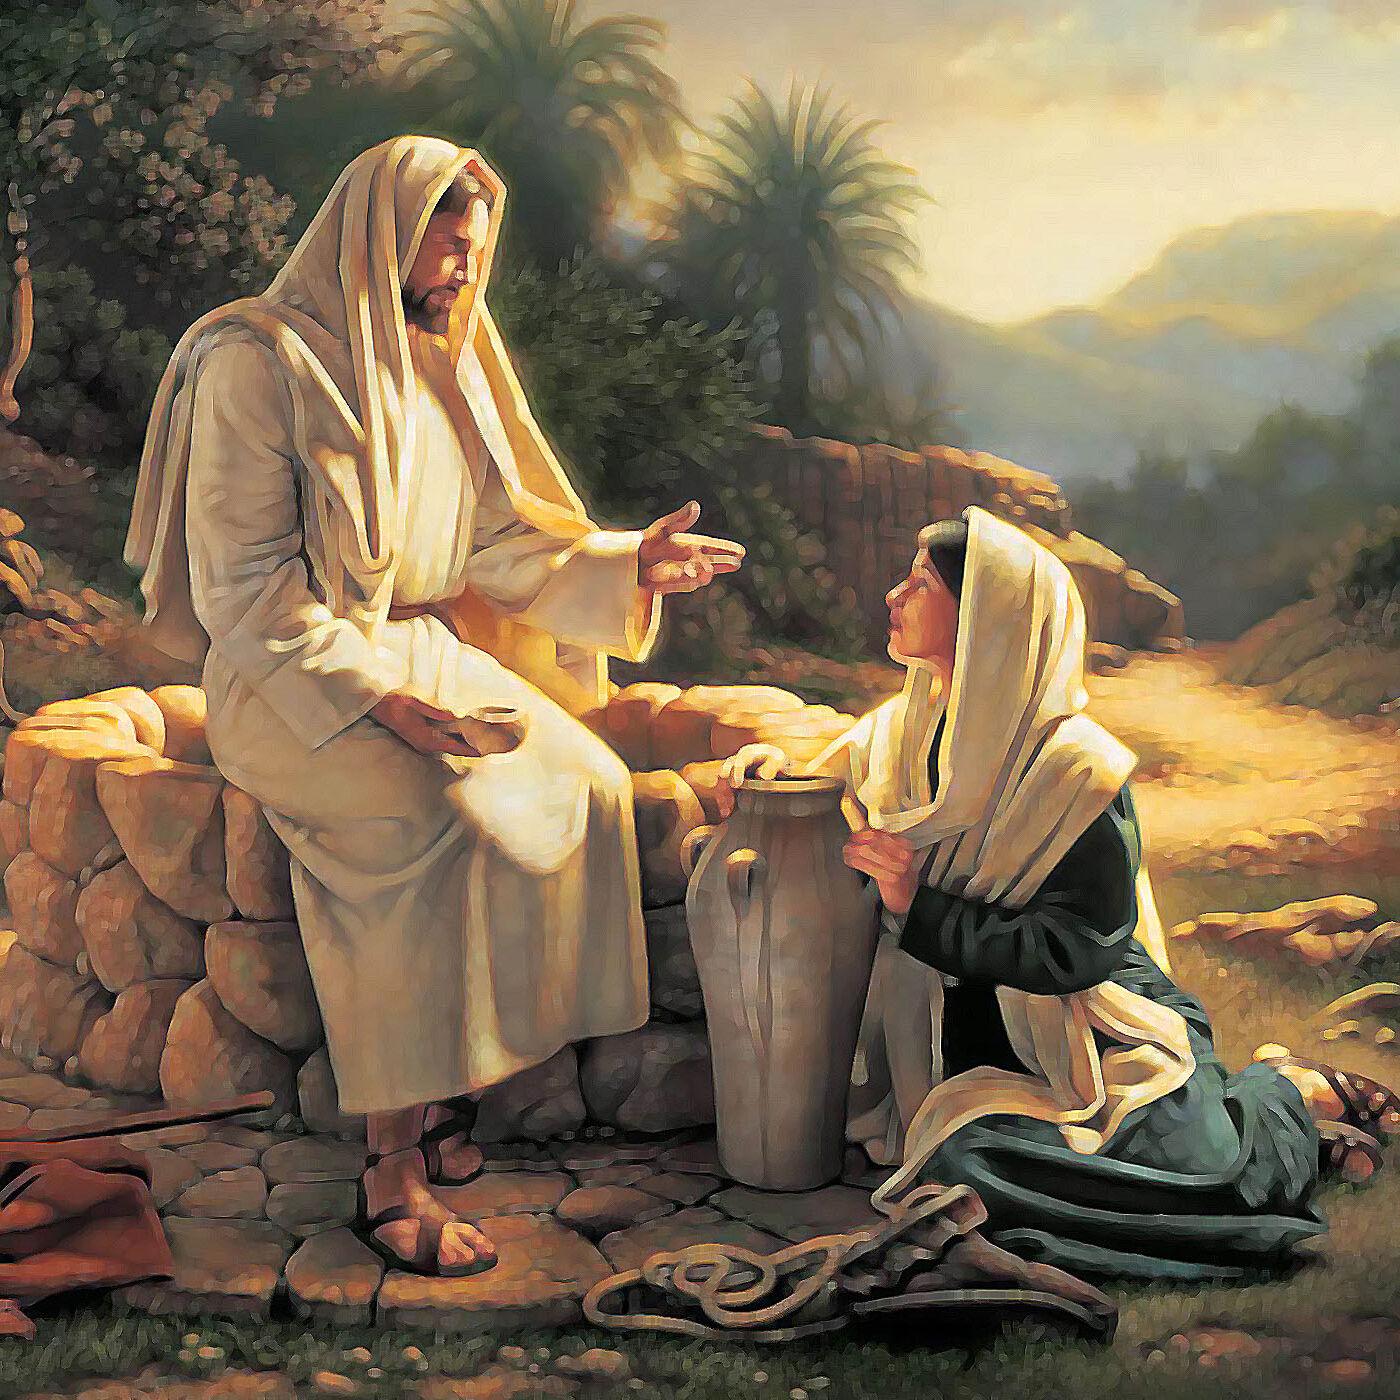 riflessioni sulla prima lettura di Giovedì 11 Febbraio 2021 (Gn 2, 18-25) - Apostola Loredana